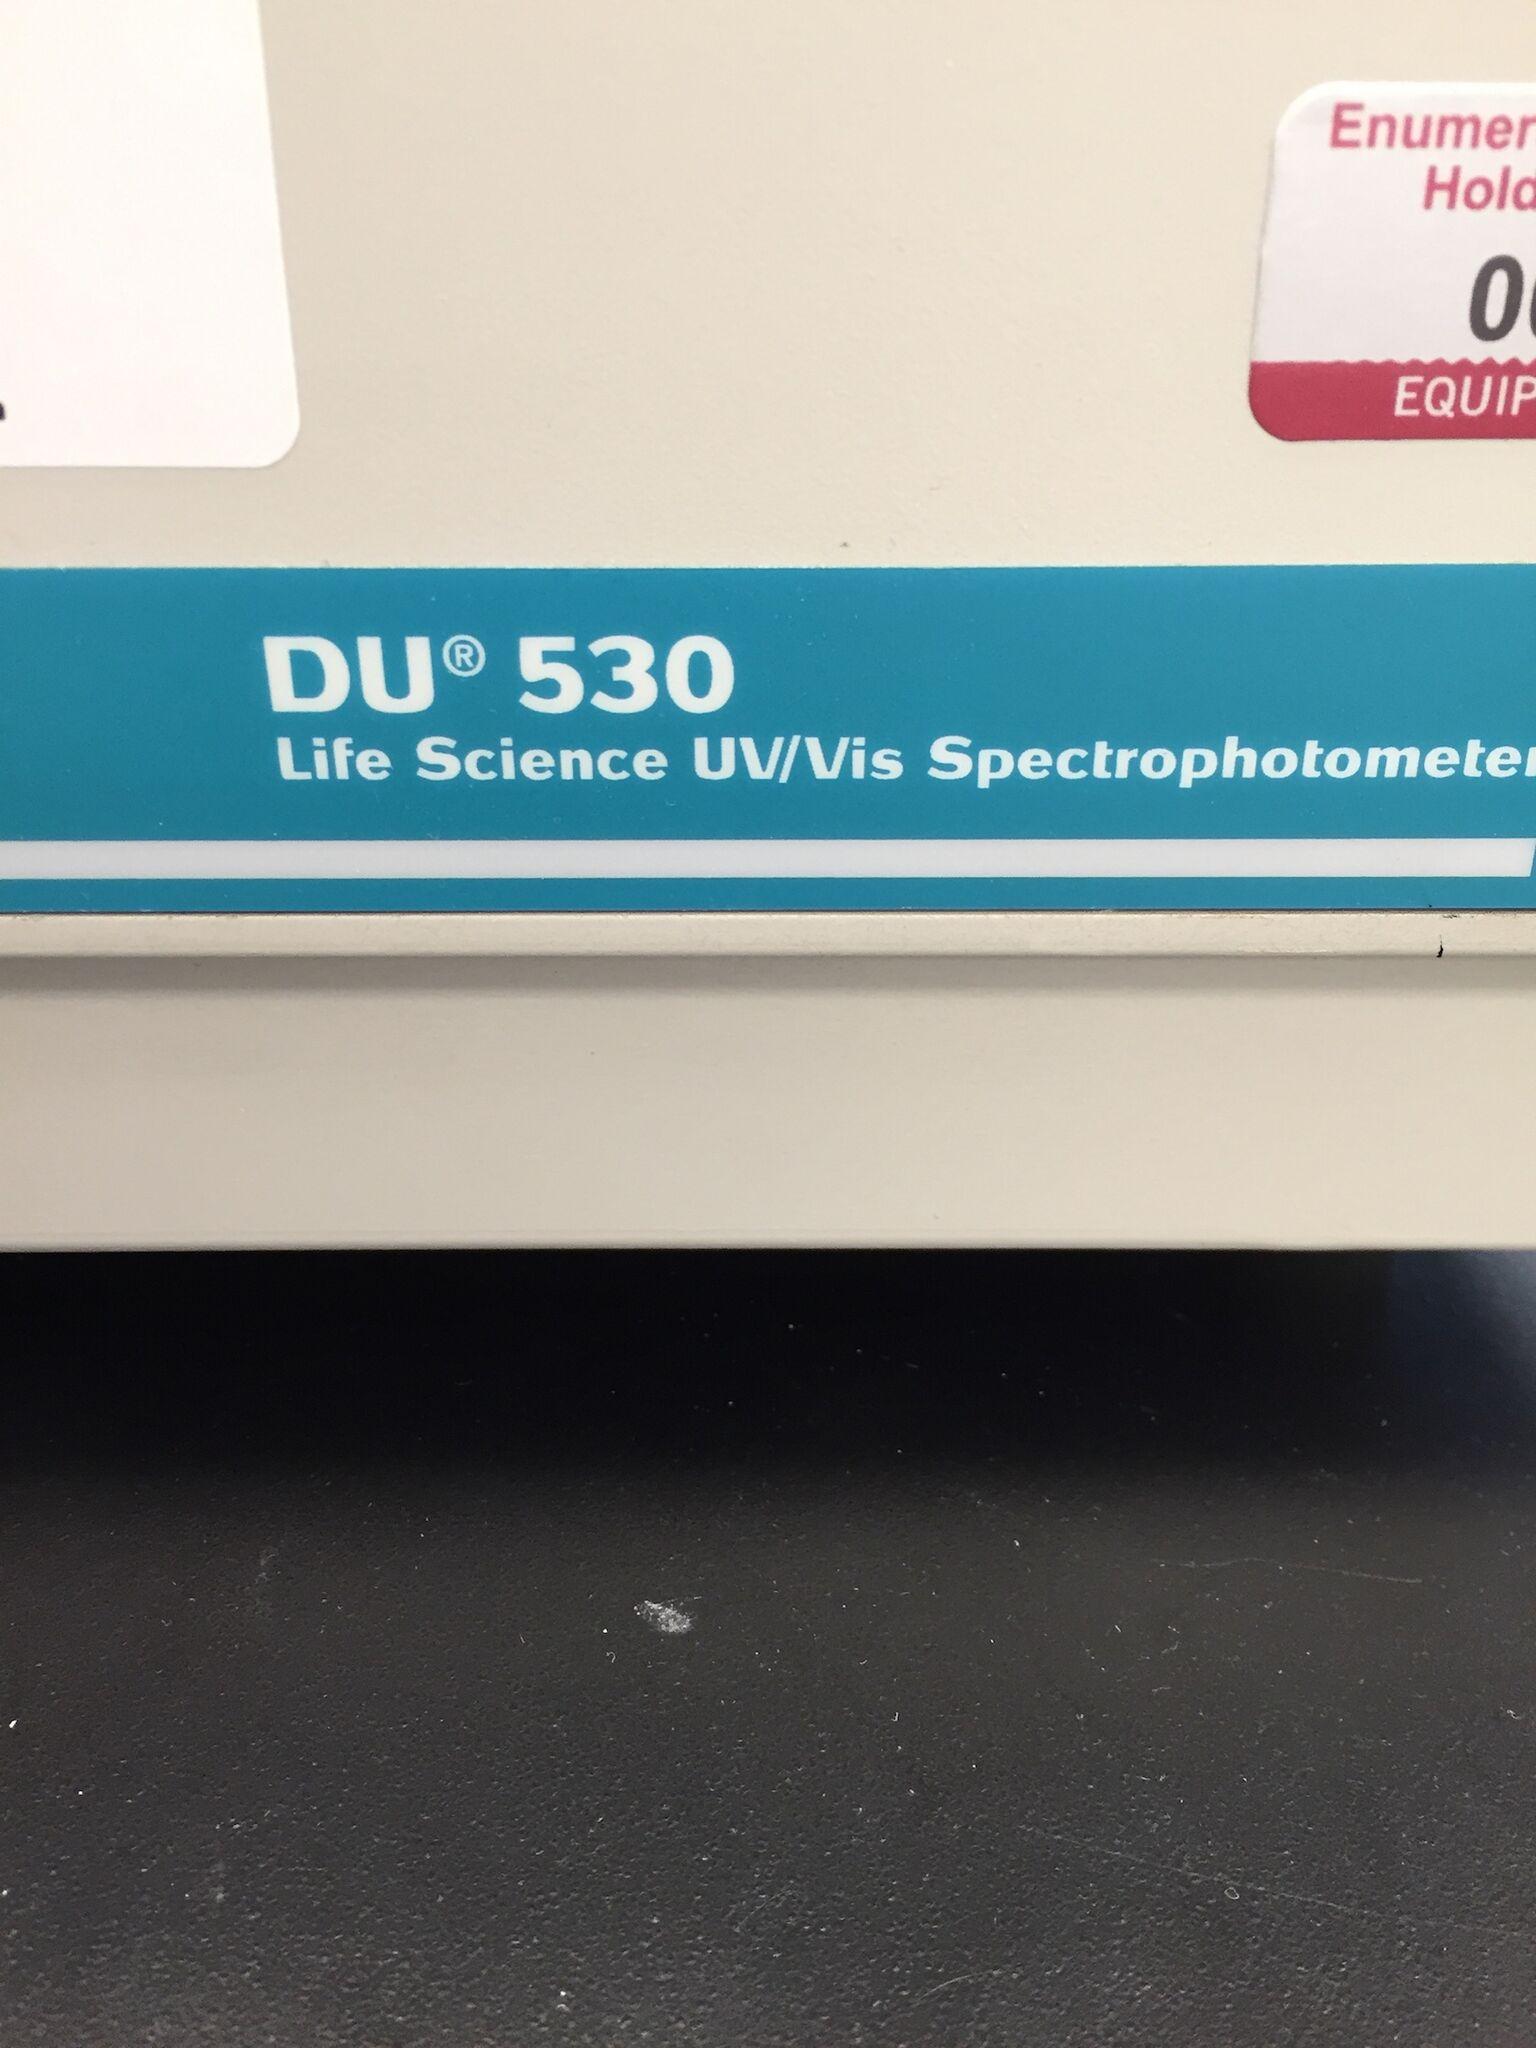 Lot 31 - Beckman Coulter DU 530 UV/Vis Spectrophotometer